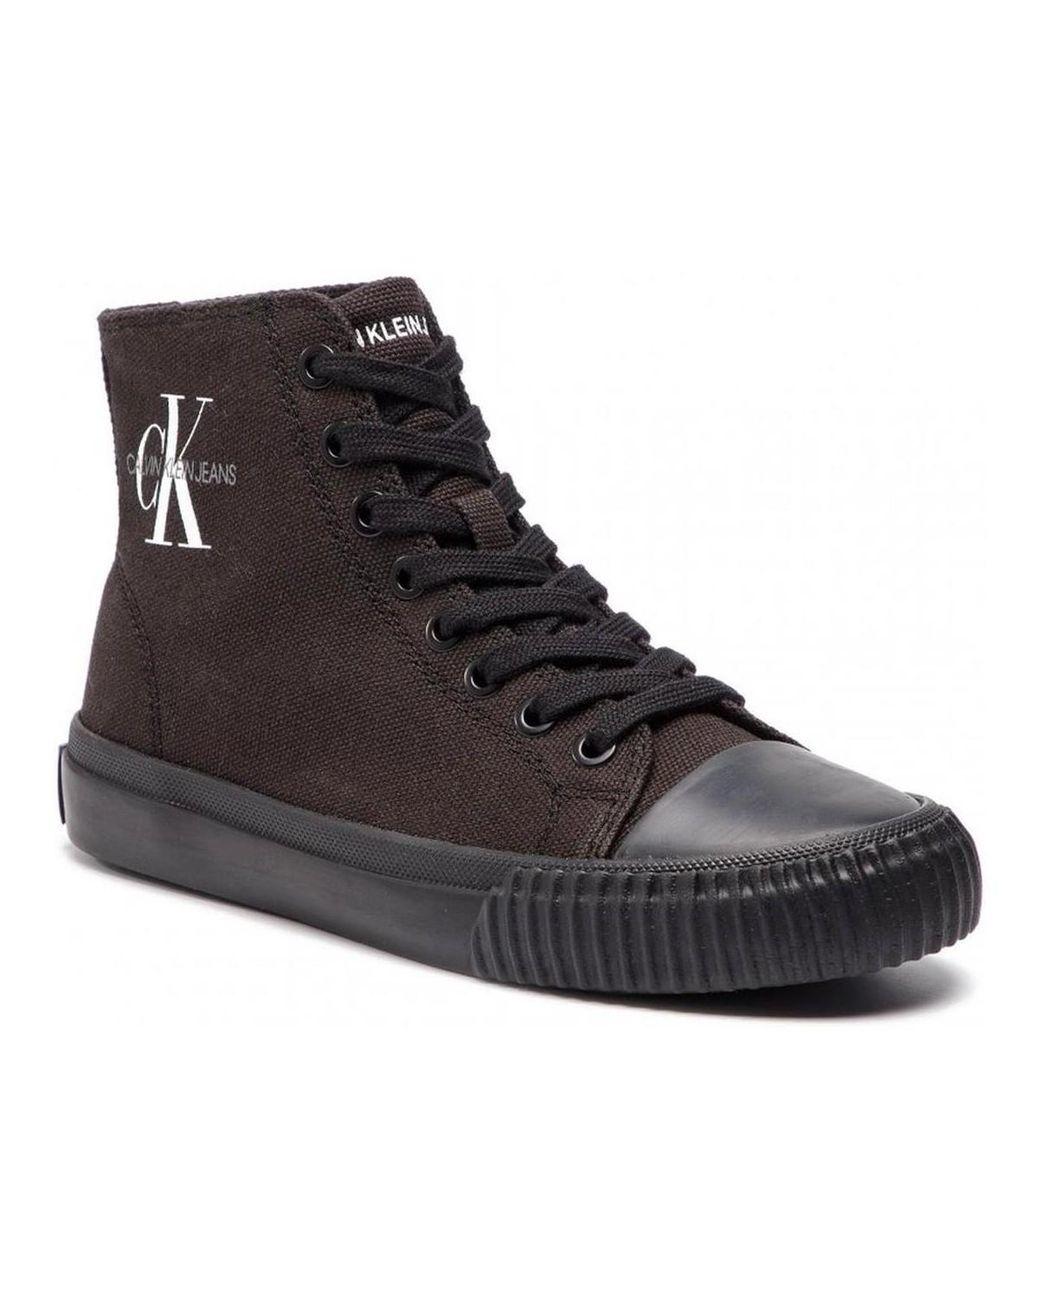 acheter pas cher meilleur choix grosses soldes R7800 femmes Chaussures en Noir